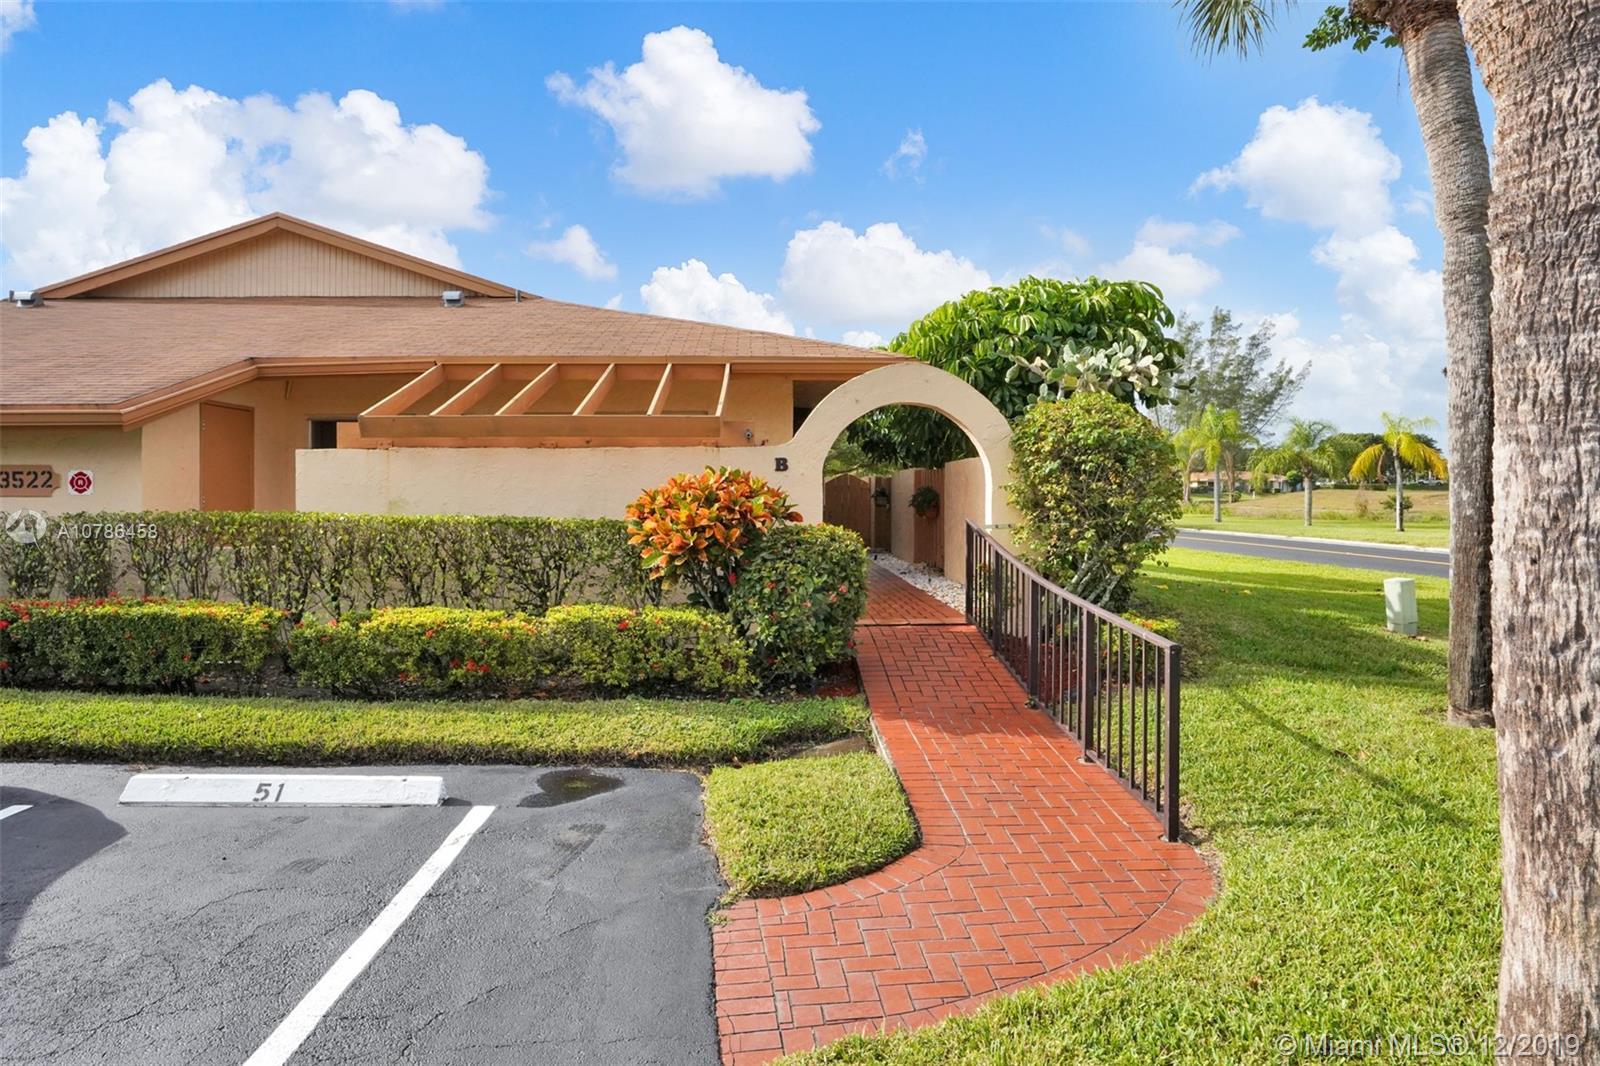 13522 Sabal Palm Court B, Delray Beach, FL 33484